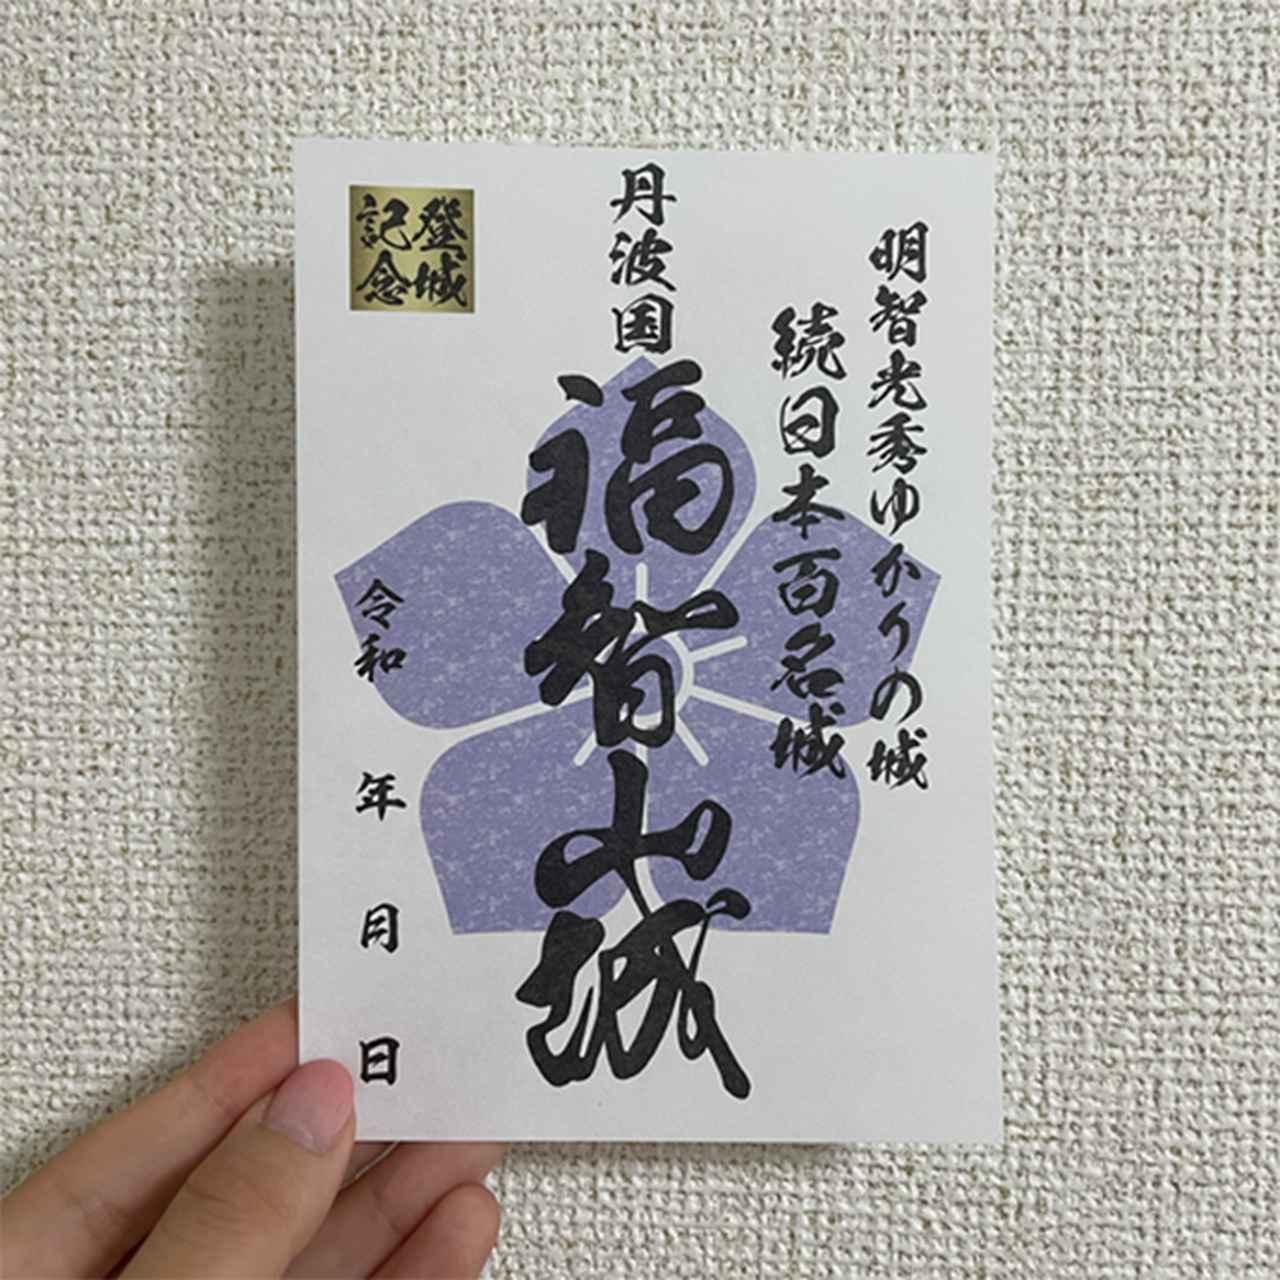 画像1: JALふるさと応援隊(京都府)が行く 京都府中部「森の京都」魅力再発見!